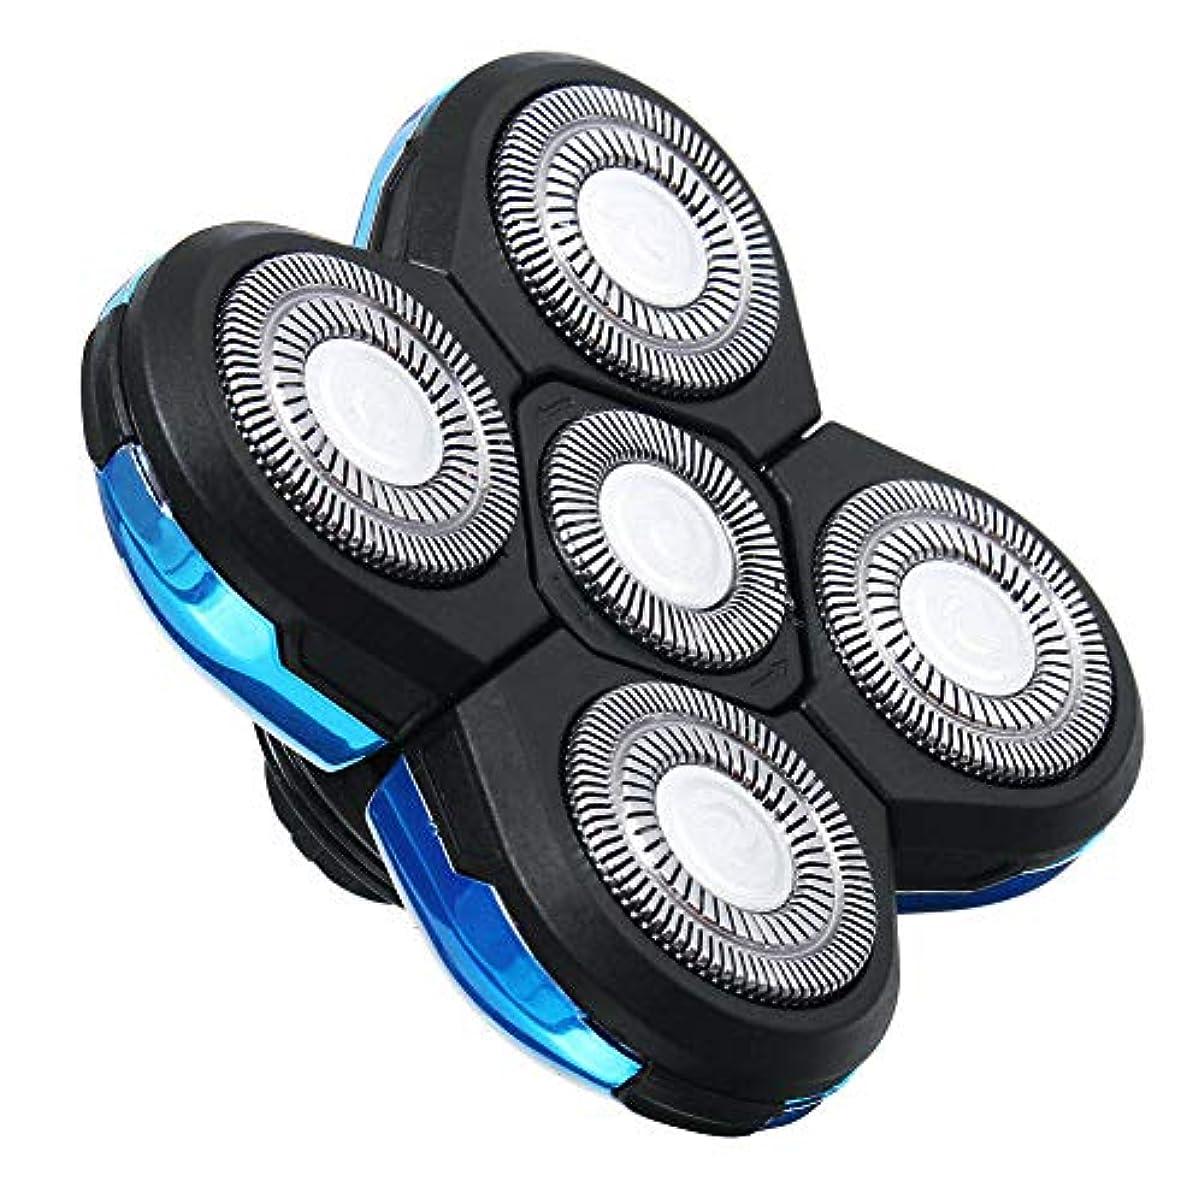 動詞肉屋どうやってシェーバー5 s電気かみそり高速ひげカッター交換耐久性のあるヘアトリマーダブルリング簡単インストールフローティング実用シェービングブレードユニバーサル(ブルー)